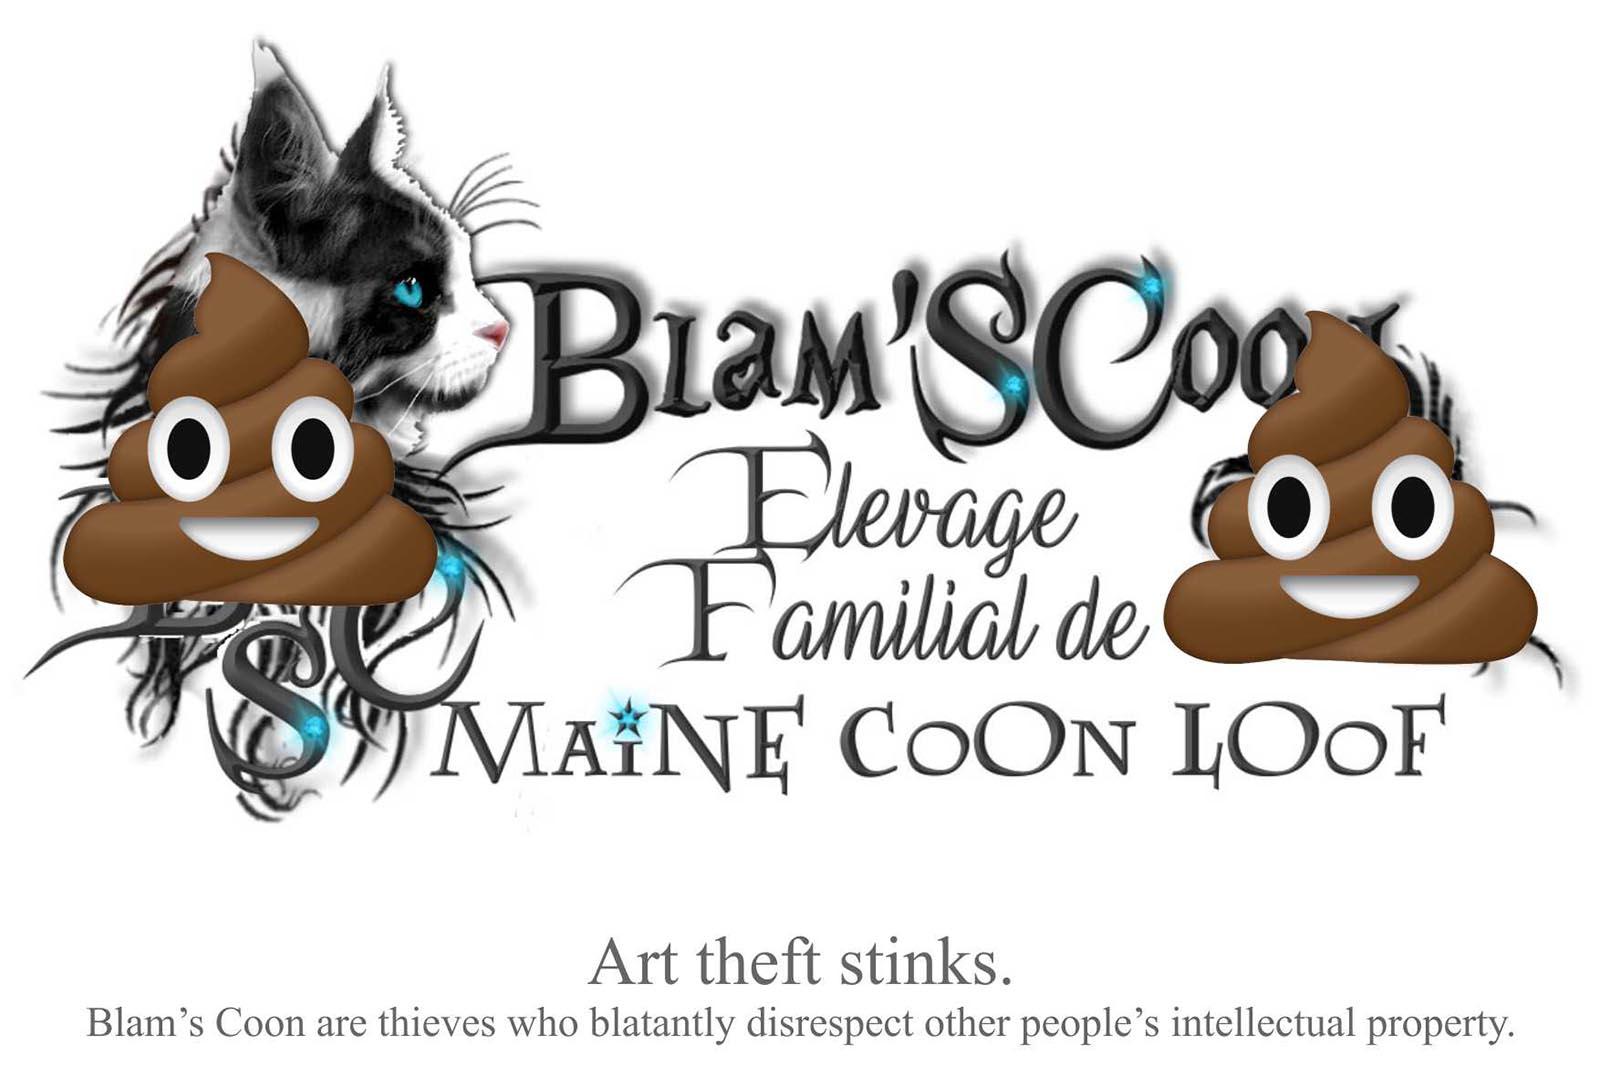 Blam's Coon